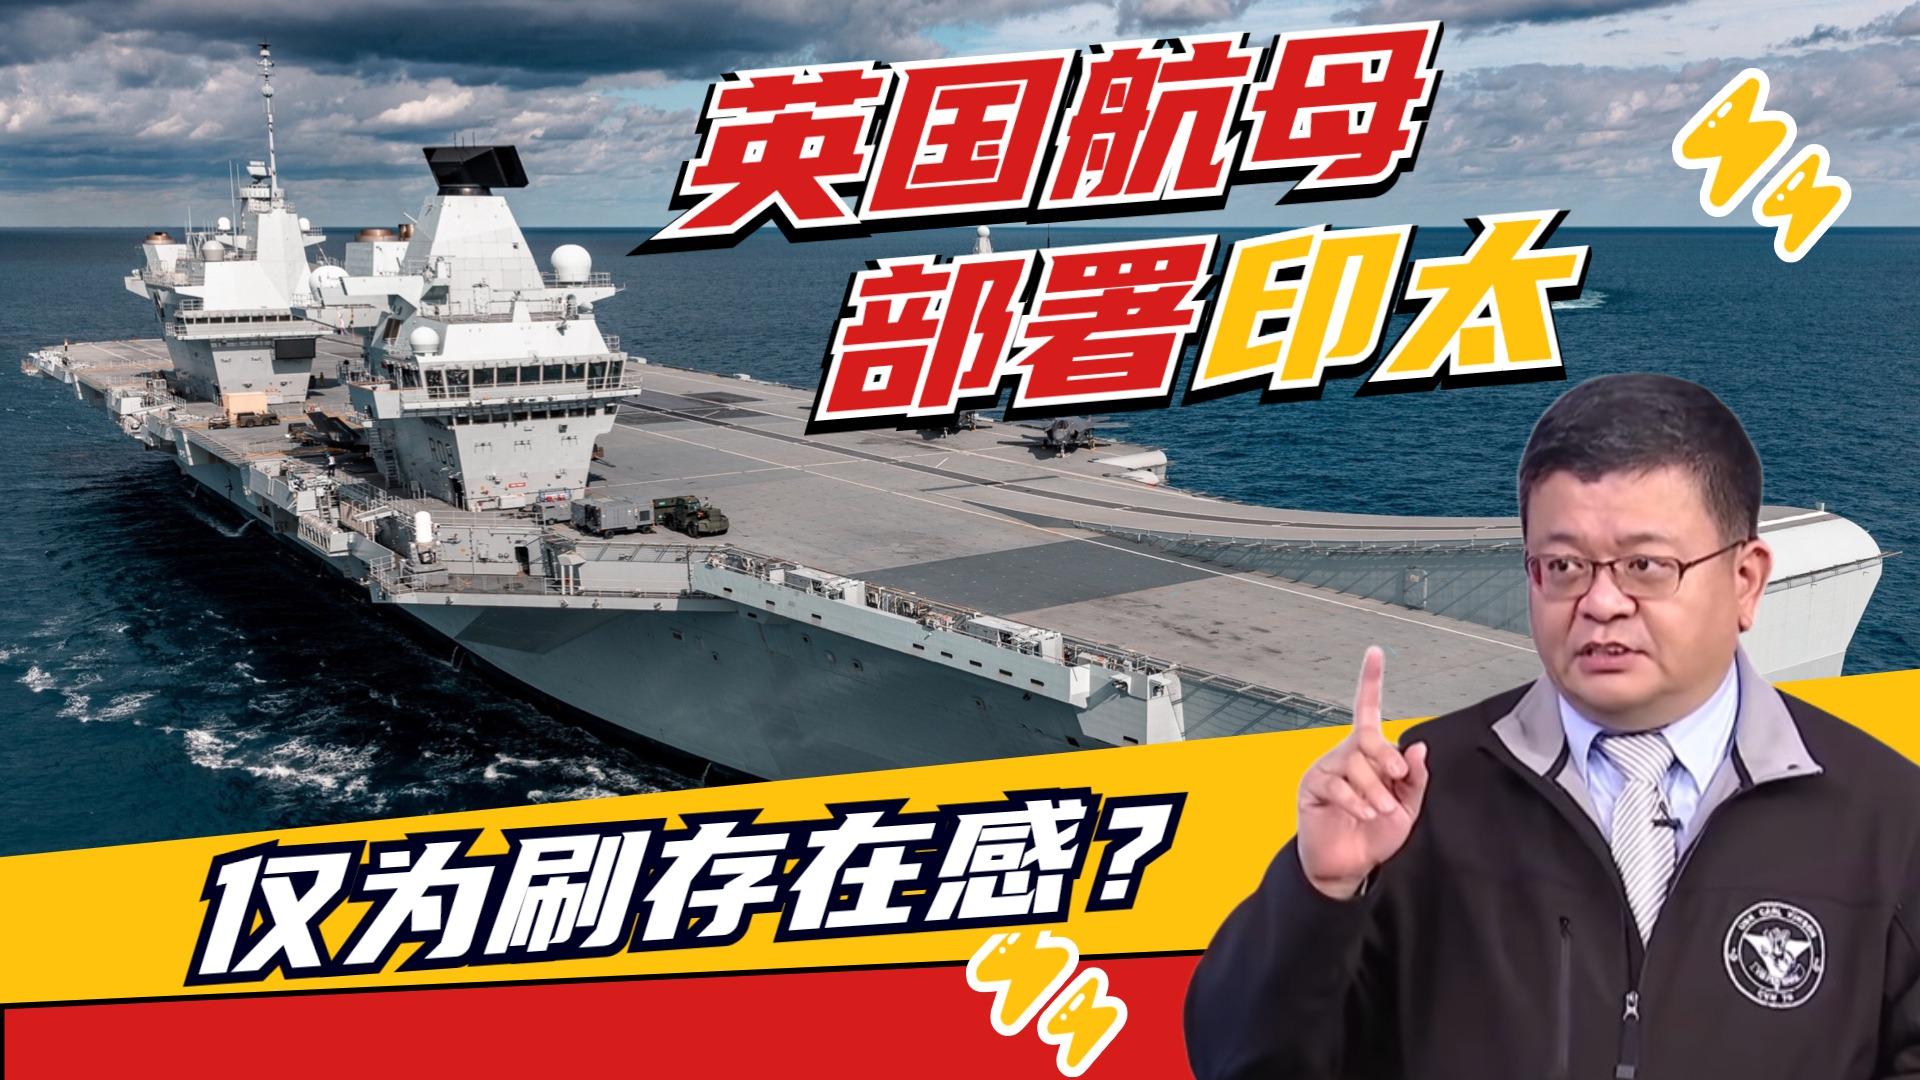 两岸防务评论  英国航母部署印太,仅是一场外交秀?